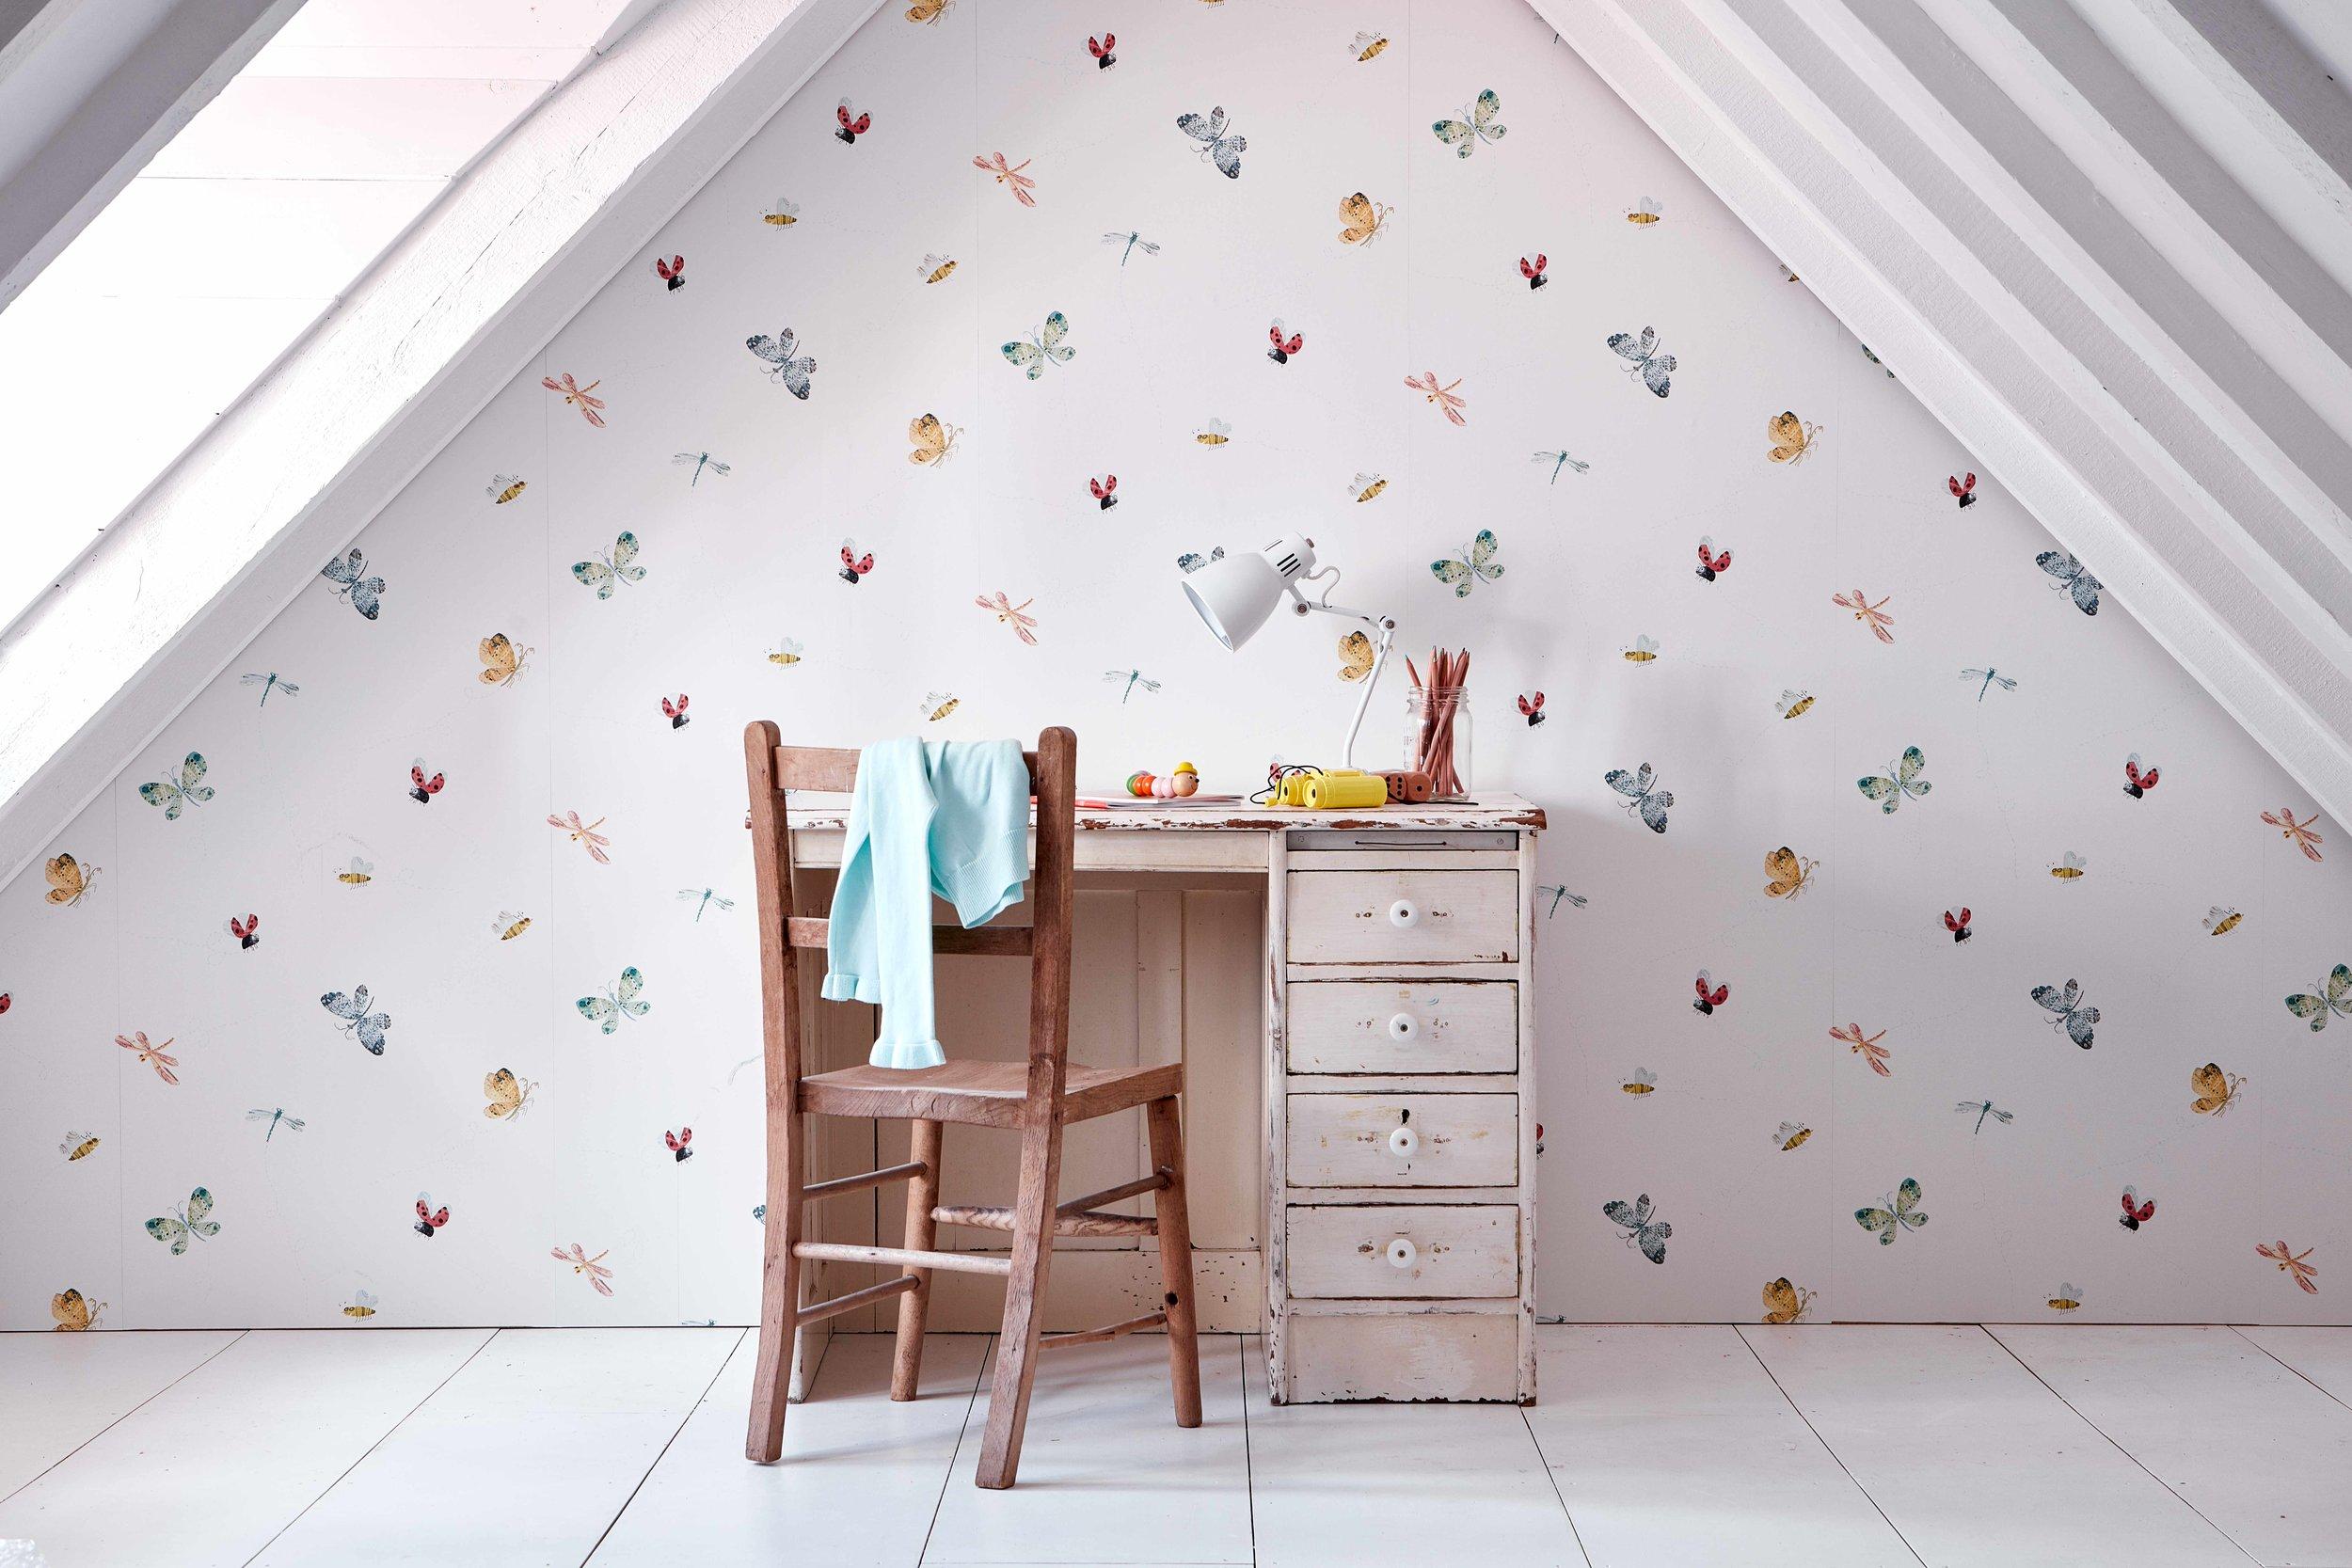 Zommer---Bugs---Wallpaper-2-009.jpg